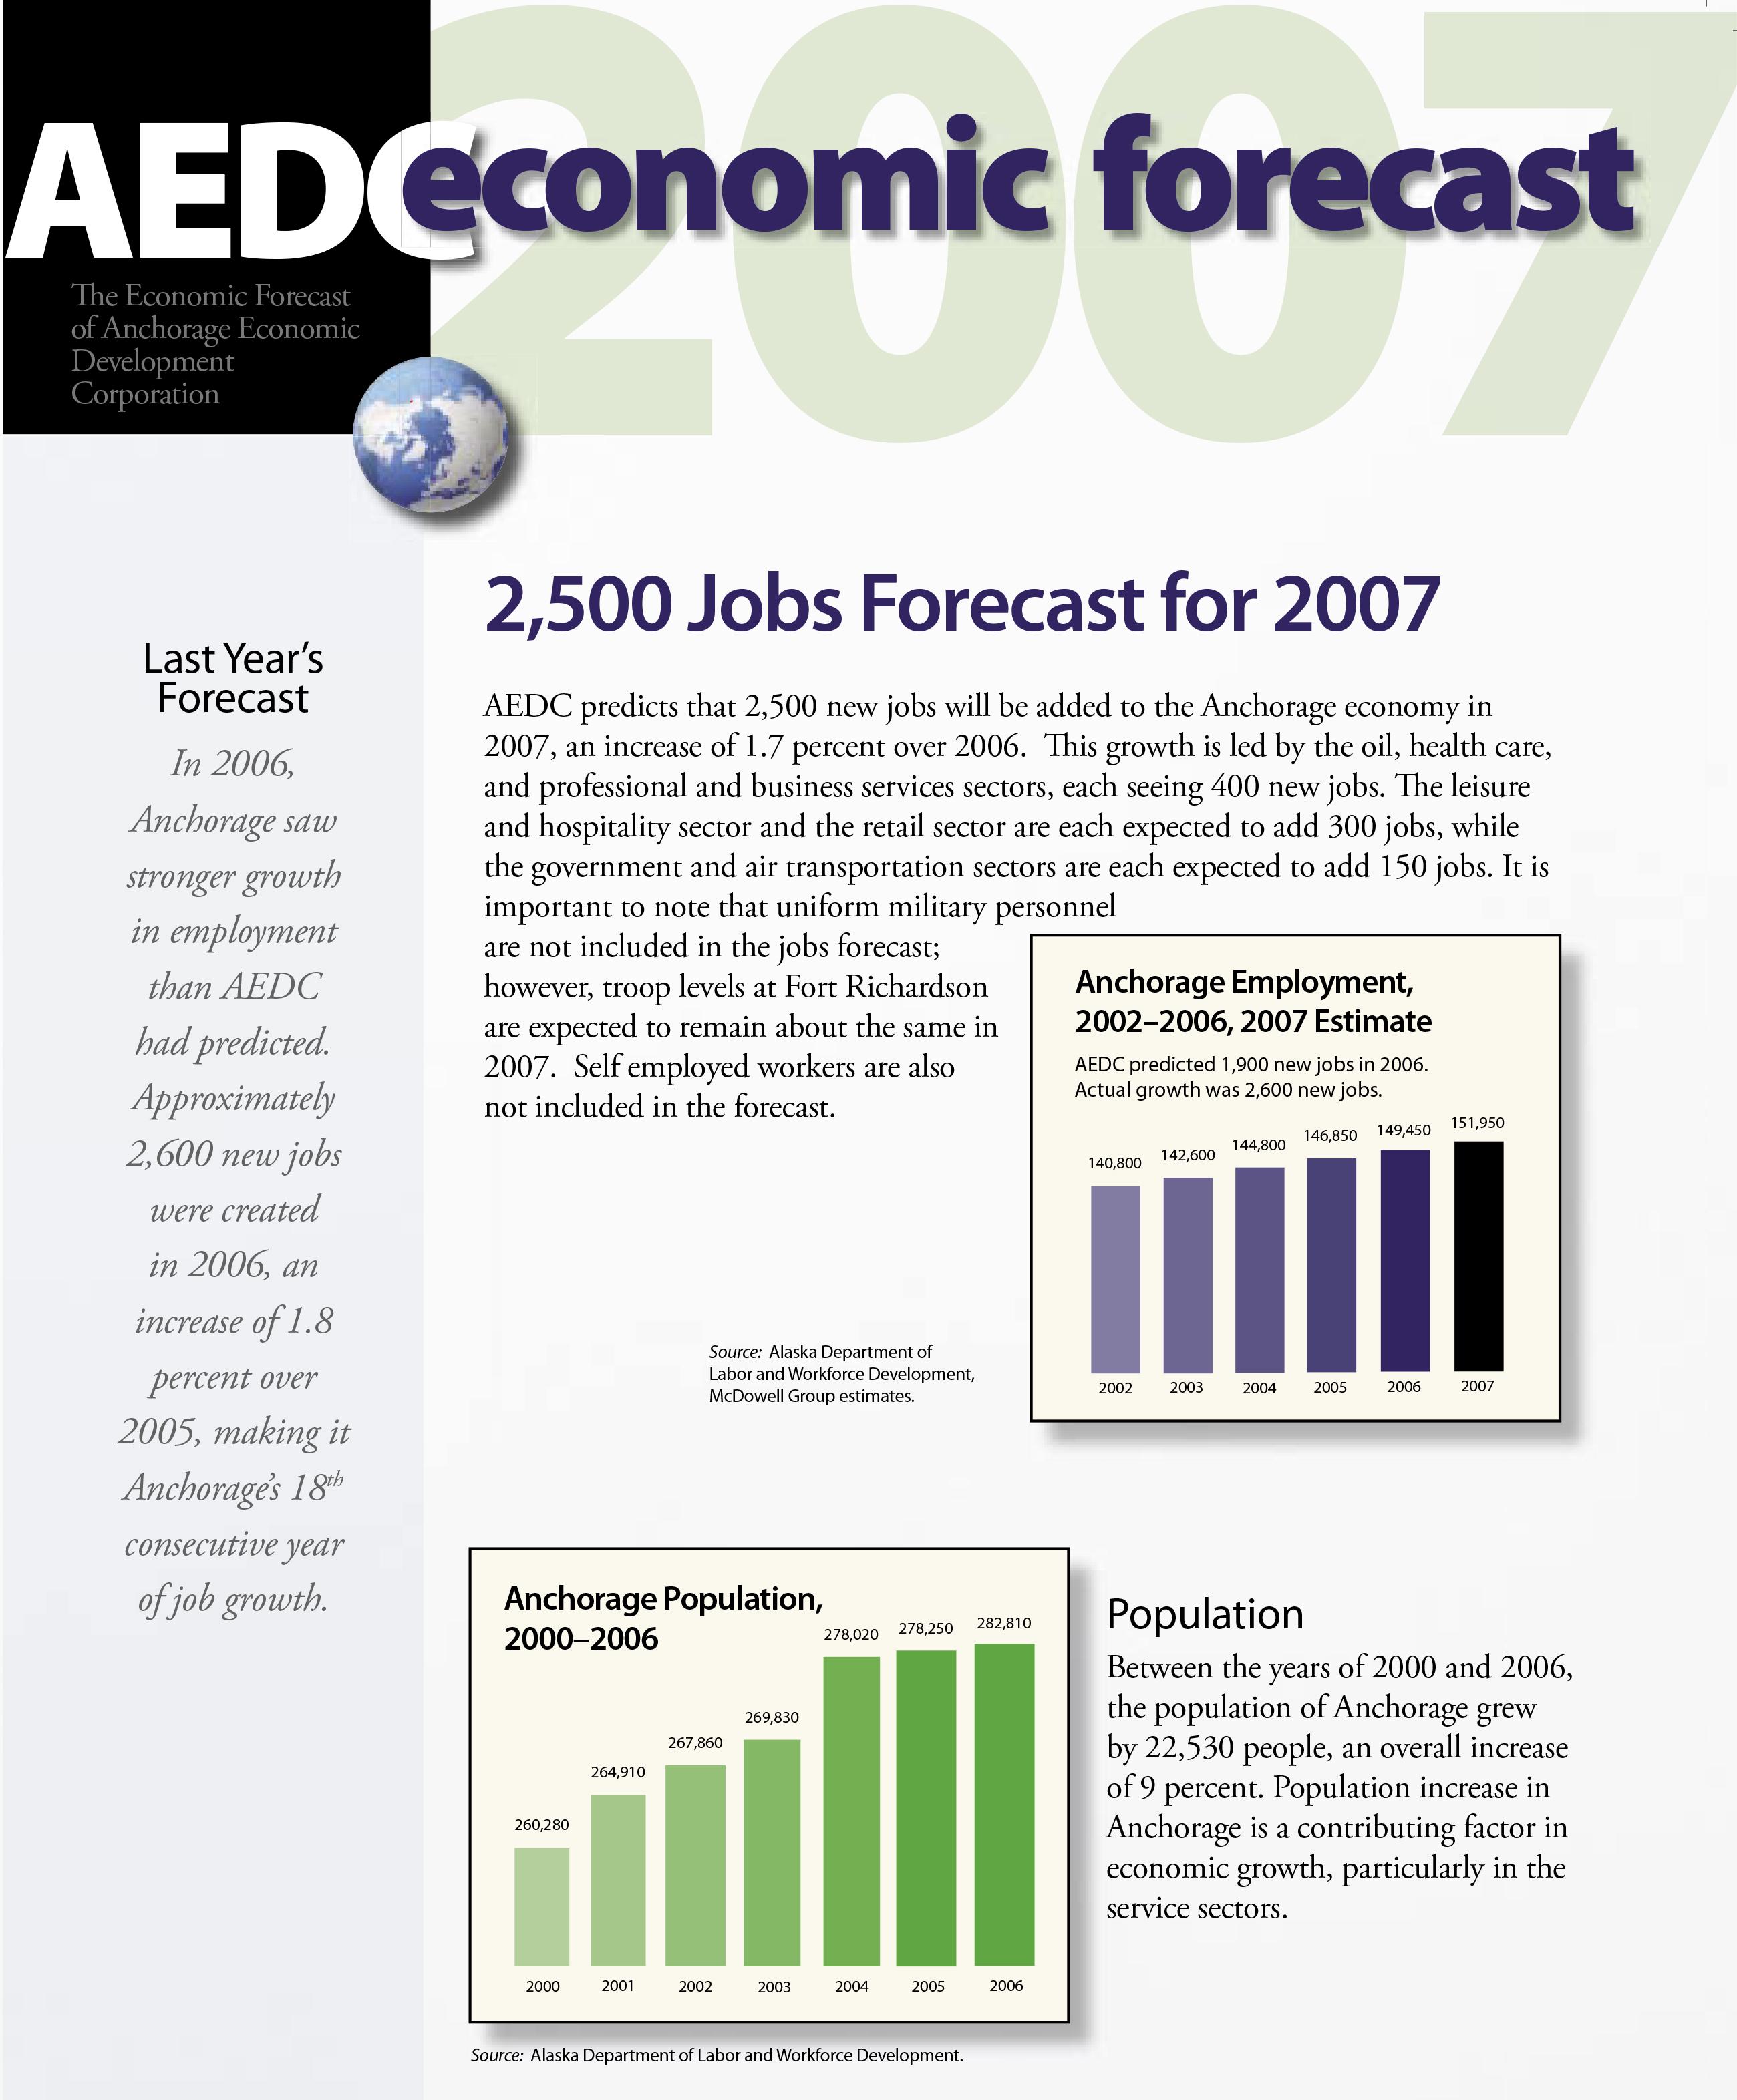 AEDC Economic Forecast Report: 2007